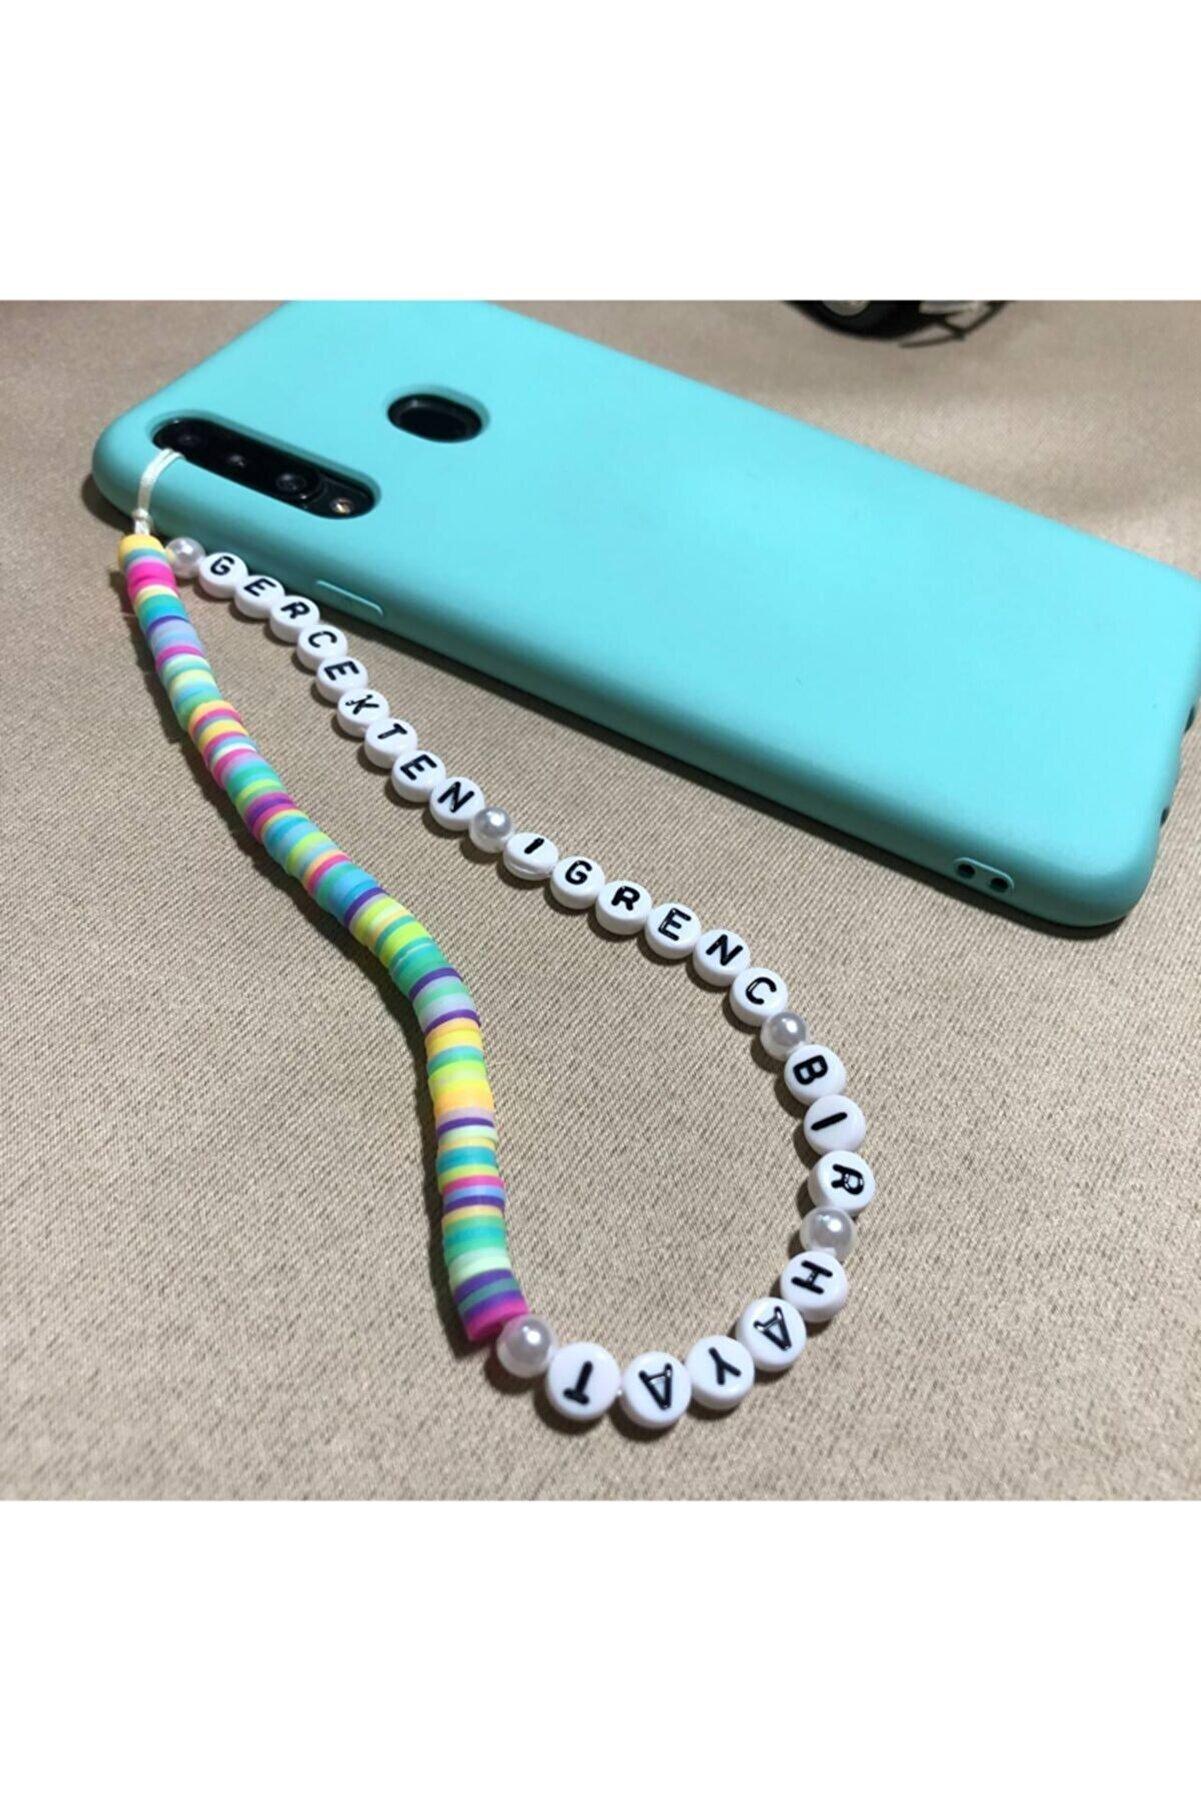 RedNar Gerçekten Iğrenç Bir Hayat Yazılı Fimo Telefon Askısı / Telefon Charmı